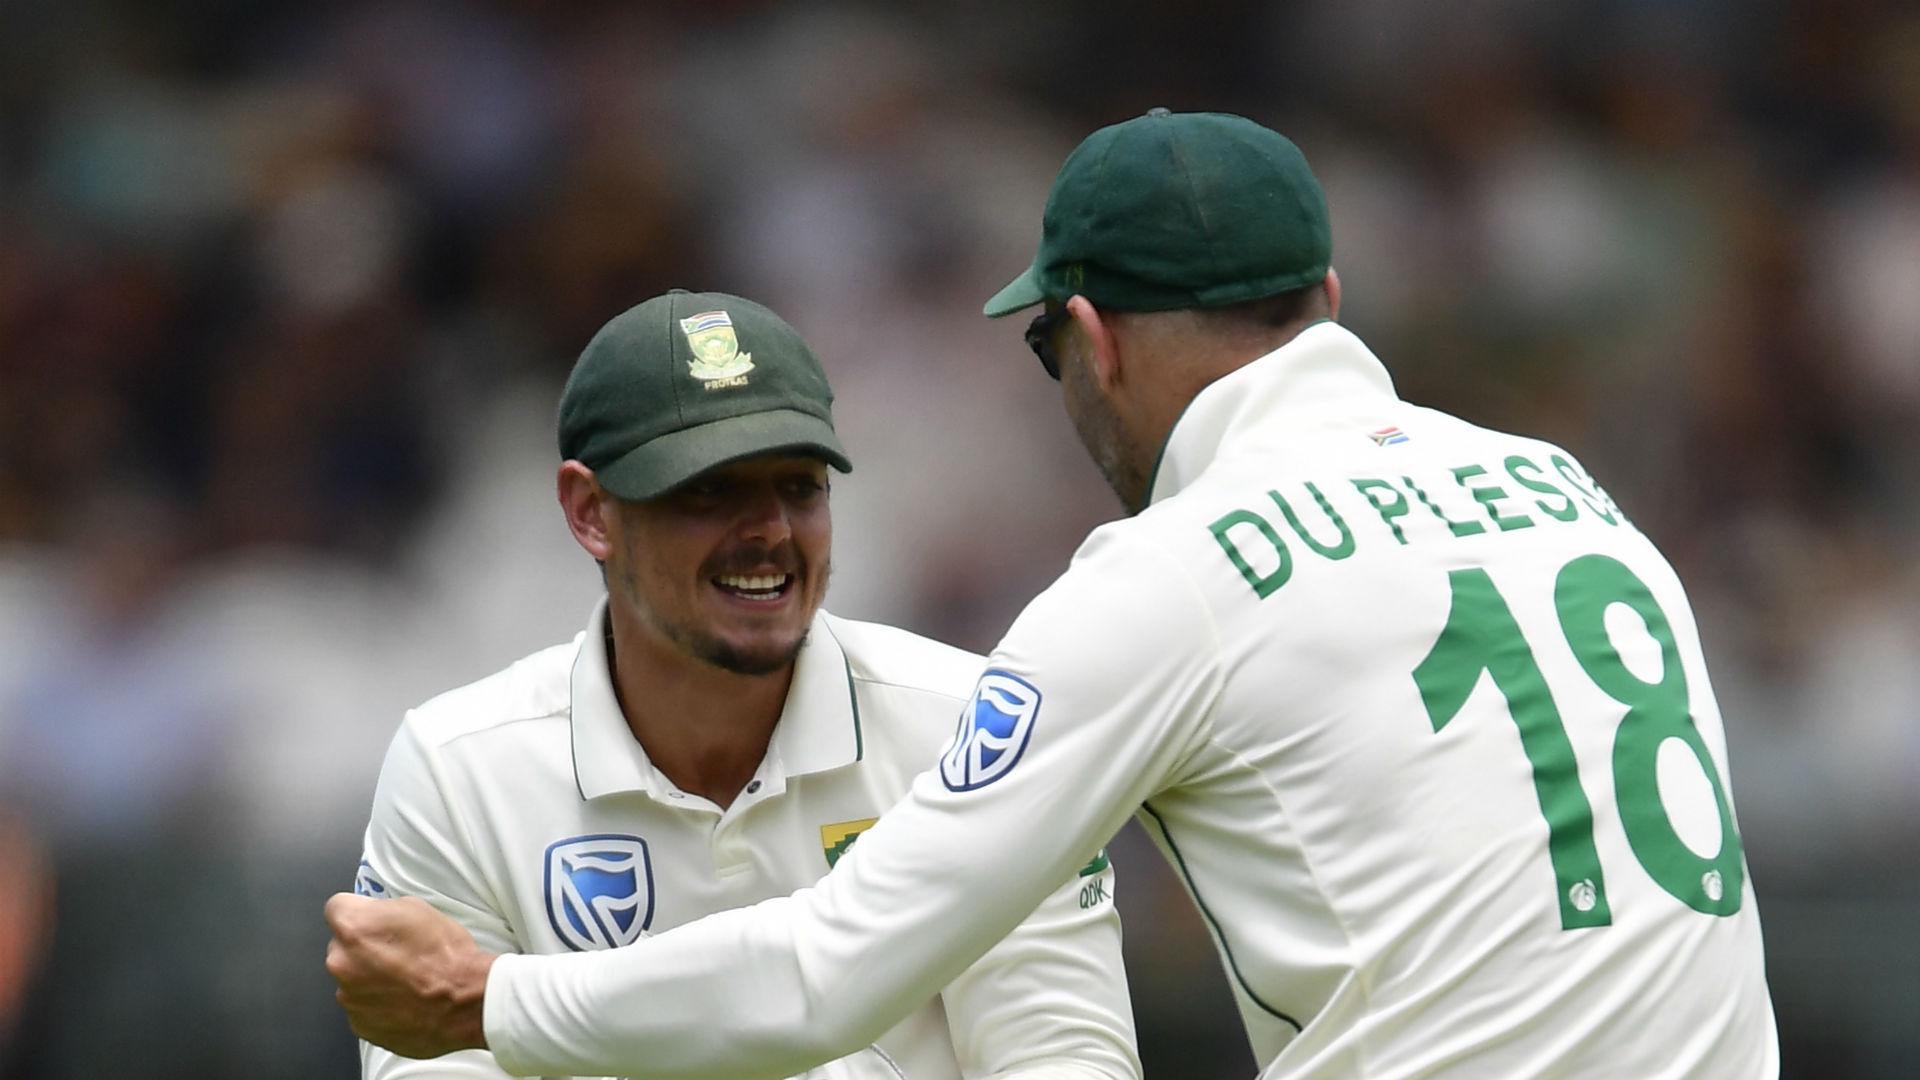 Proteas plotting revenge over Sri Lanka